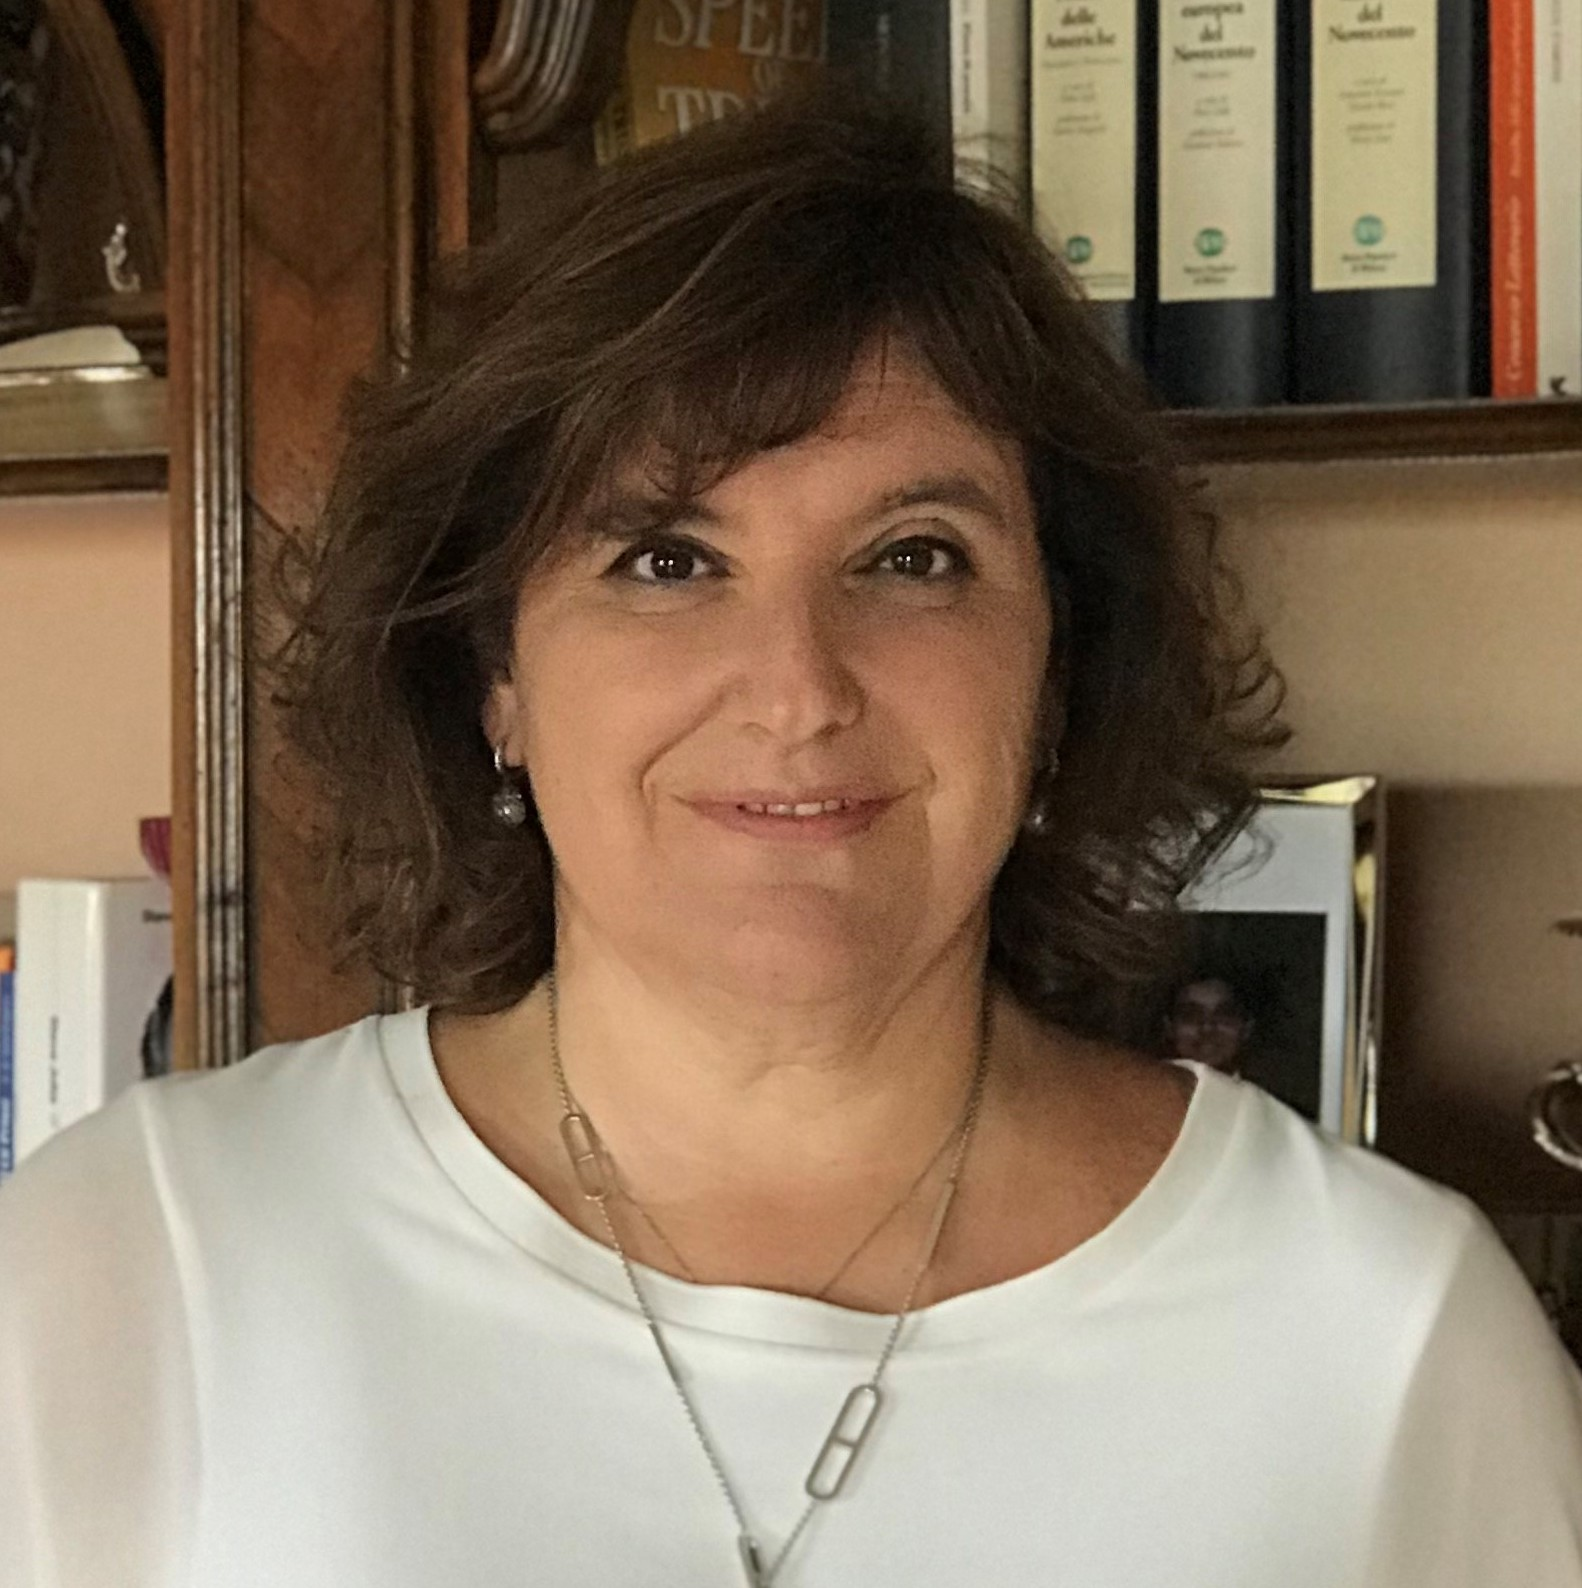 Cristina Di Bari